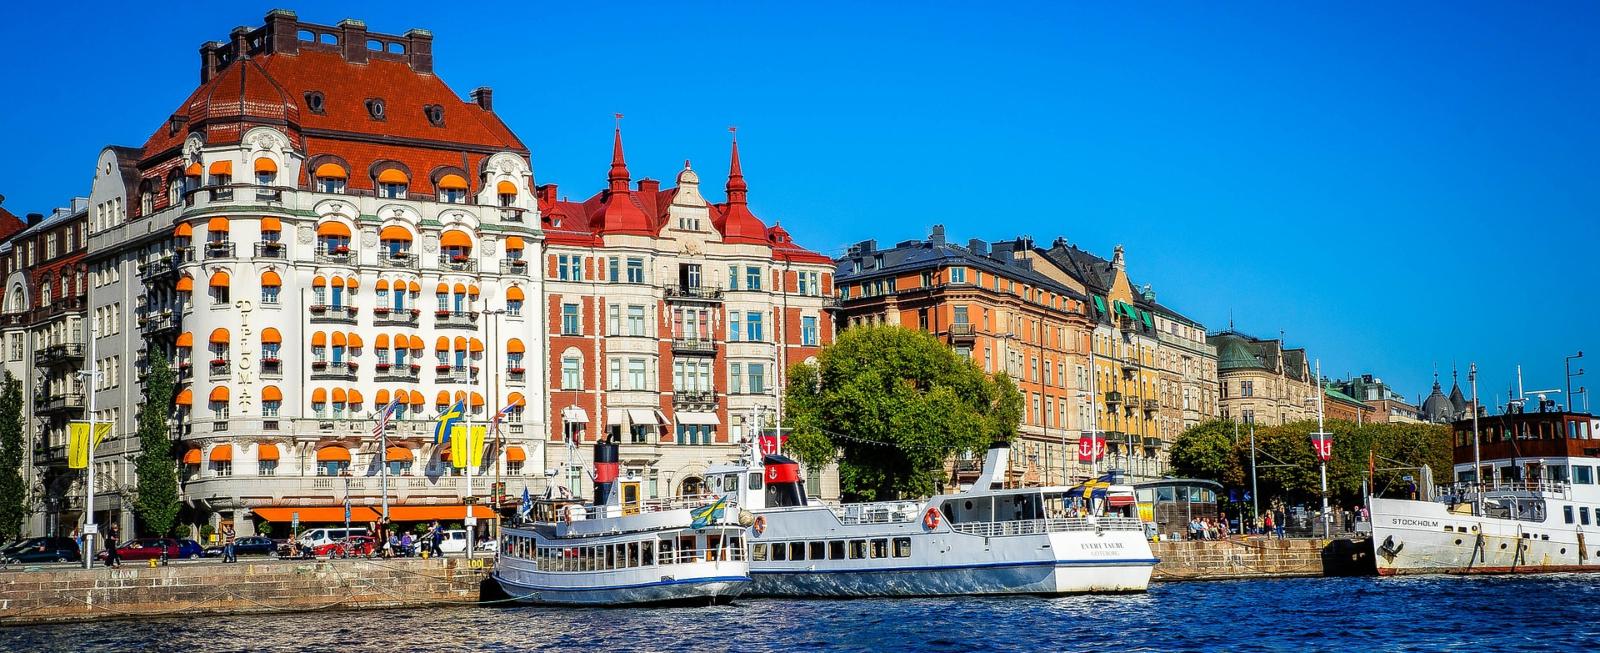 Stoccolma… Come e Cosa Visitare